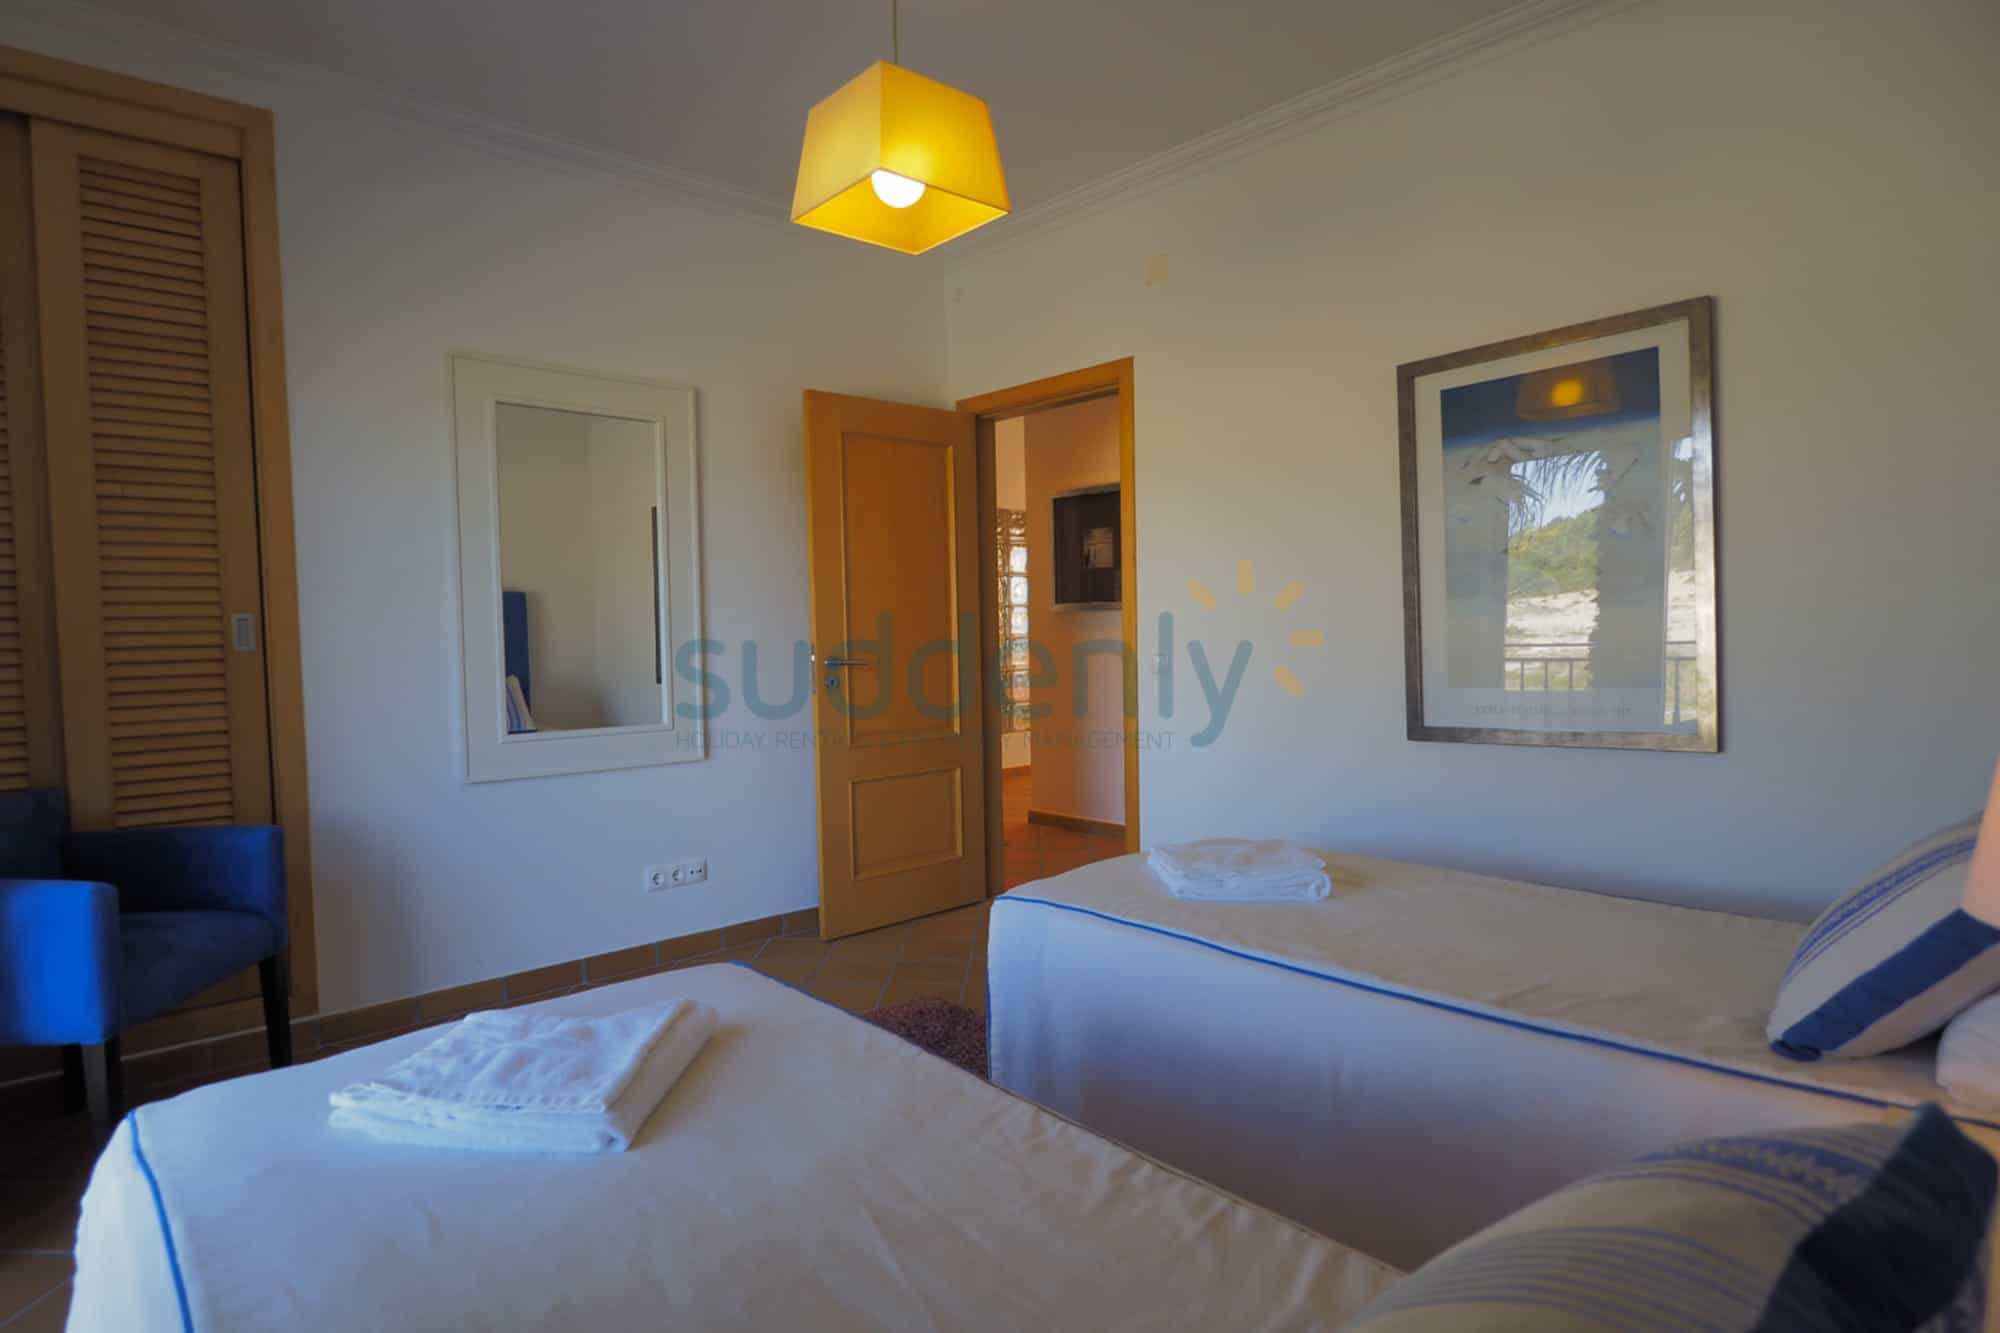 Holiday Rentals in Praia D'El Rey 227